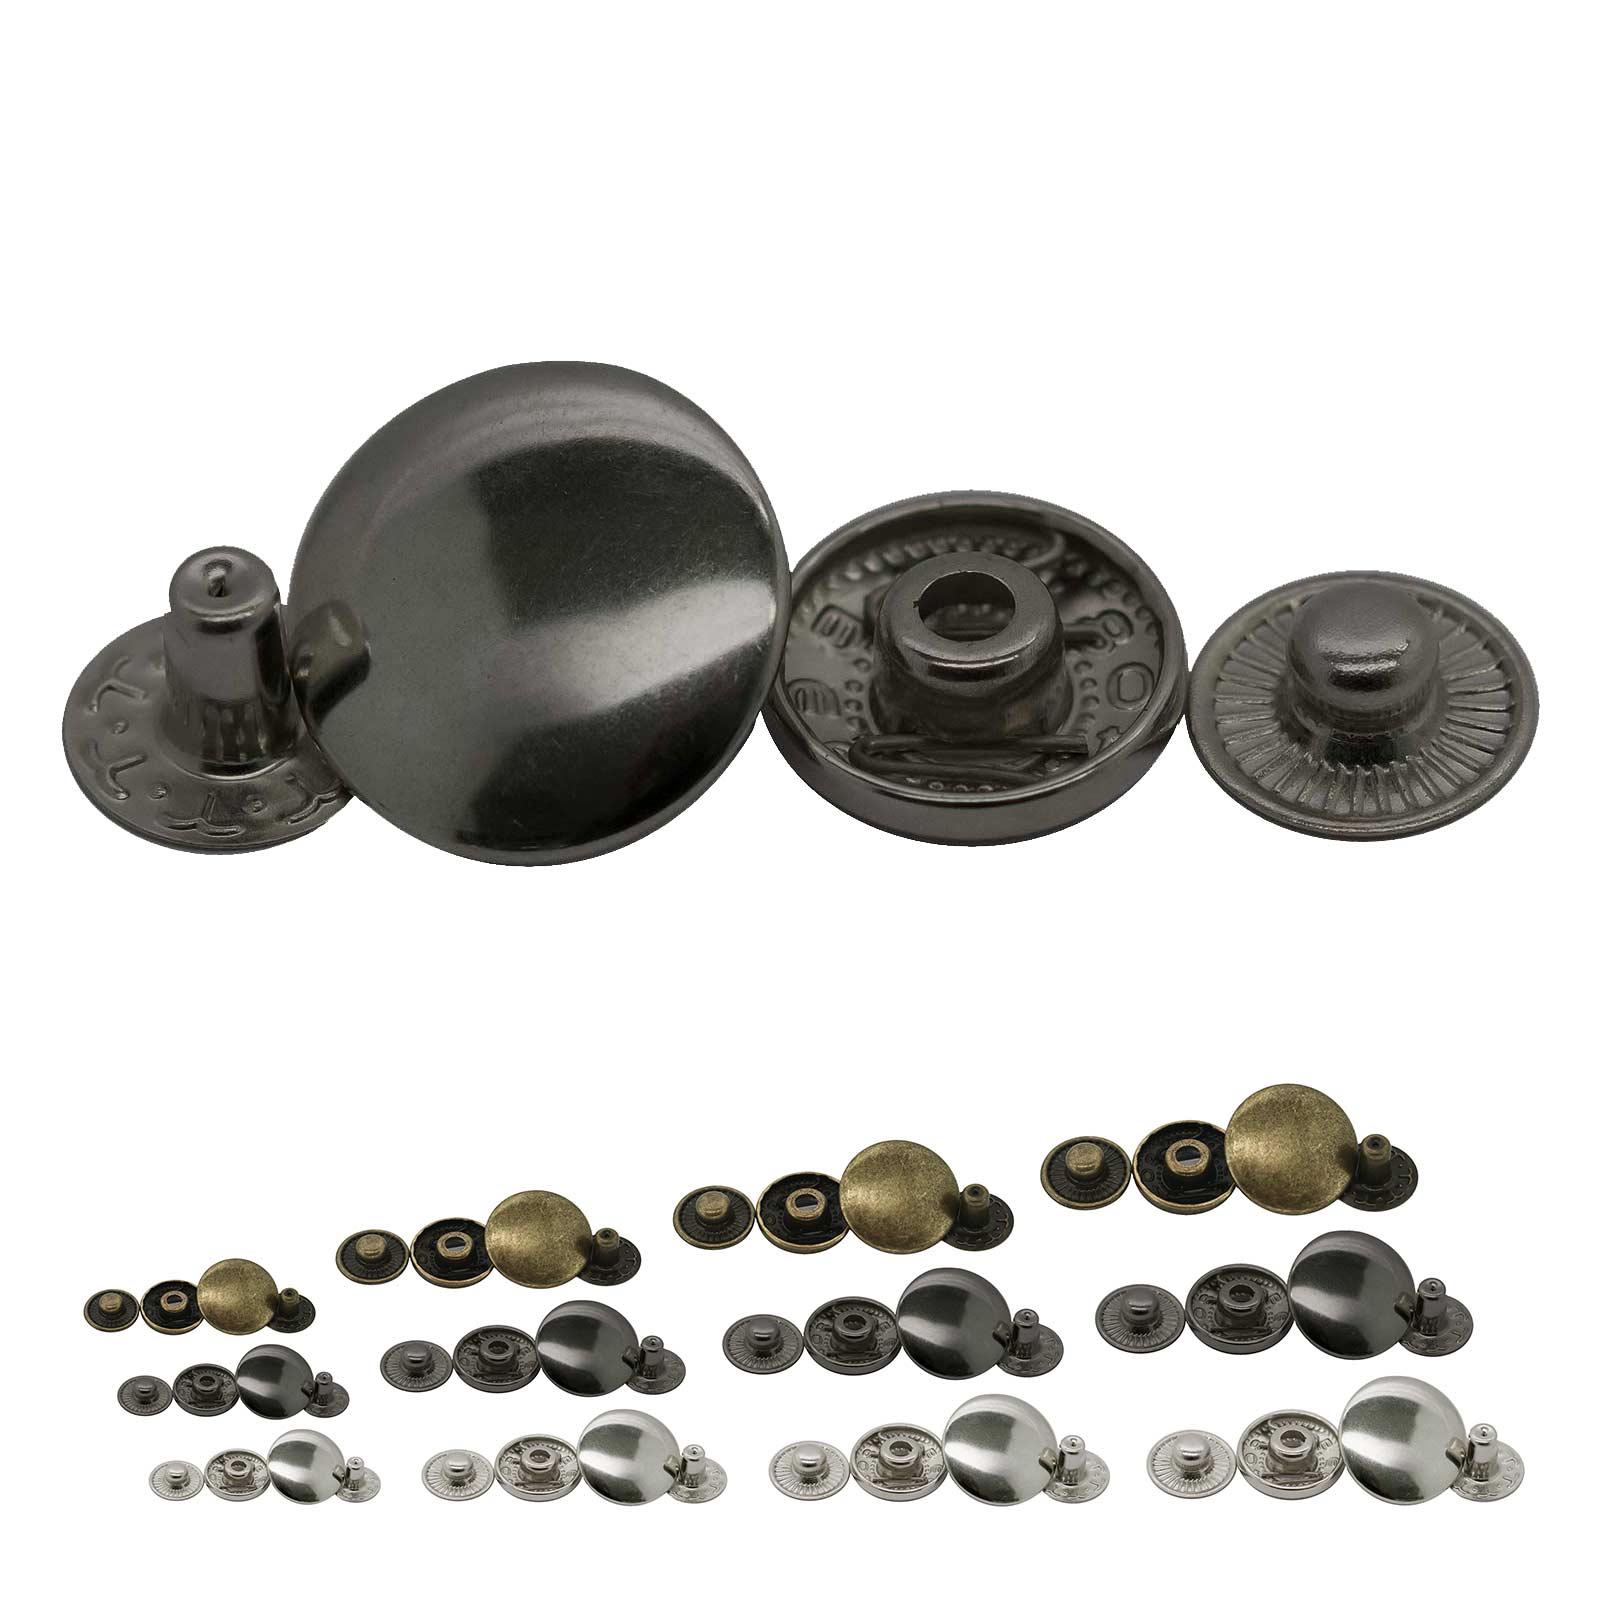 200 Stk Druckknopf Set rund S-Feder Verschlüsse Schnappknopf Metall Größen- /Farbwahl – Bild 1